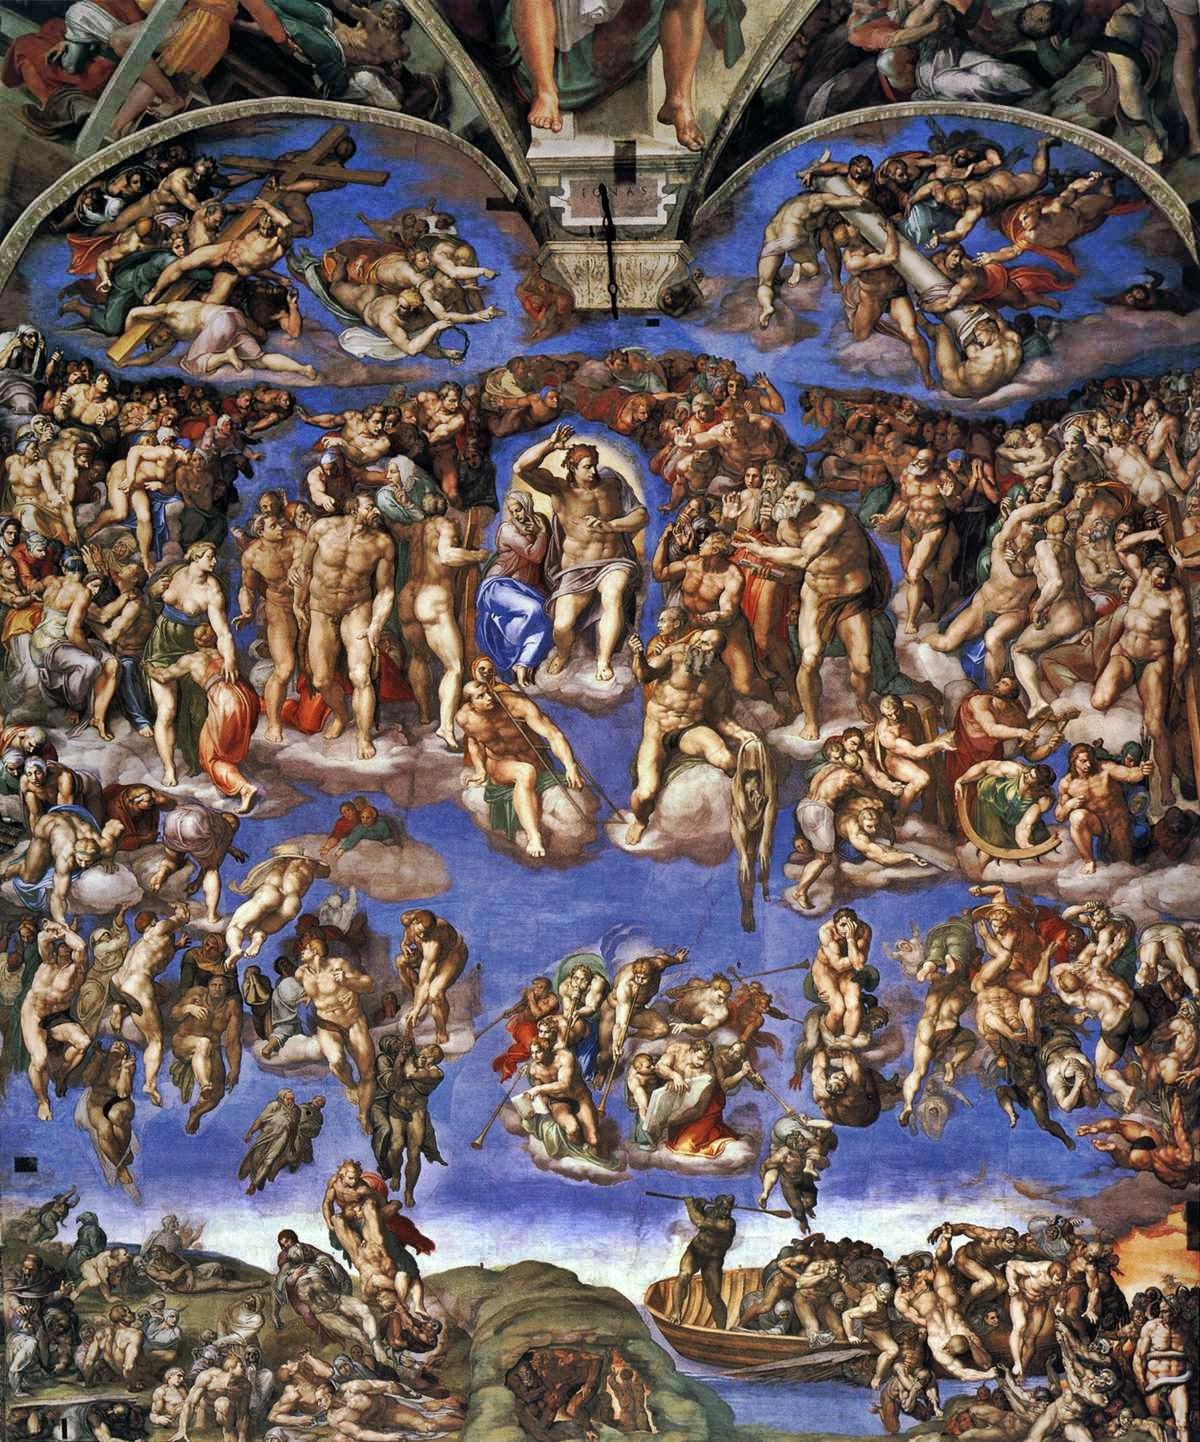 http://upload.wikimedia.org/wikipedia/commons/a/a5/Michelangelo,_Giudizio_Universale_02.jpg